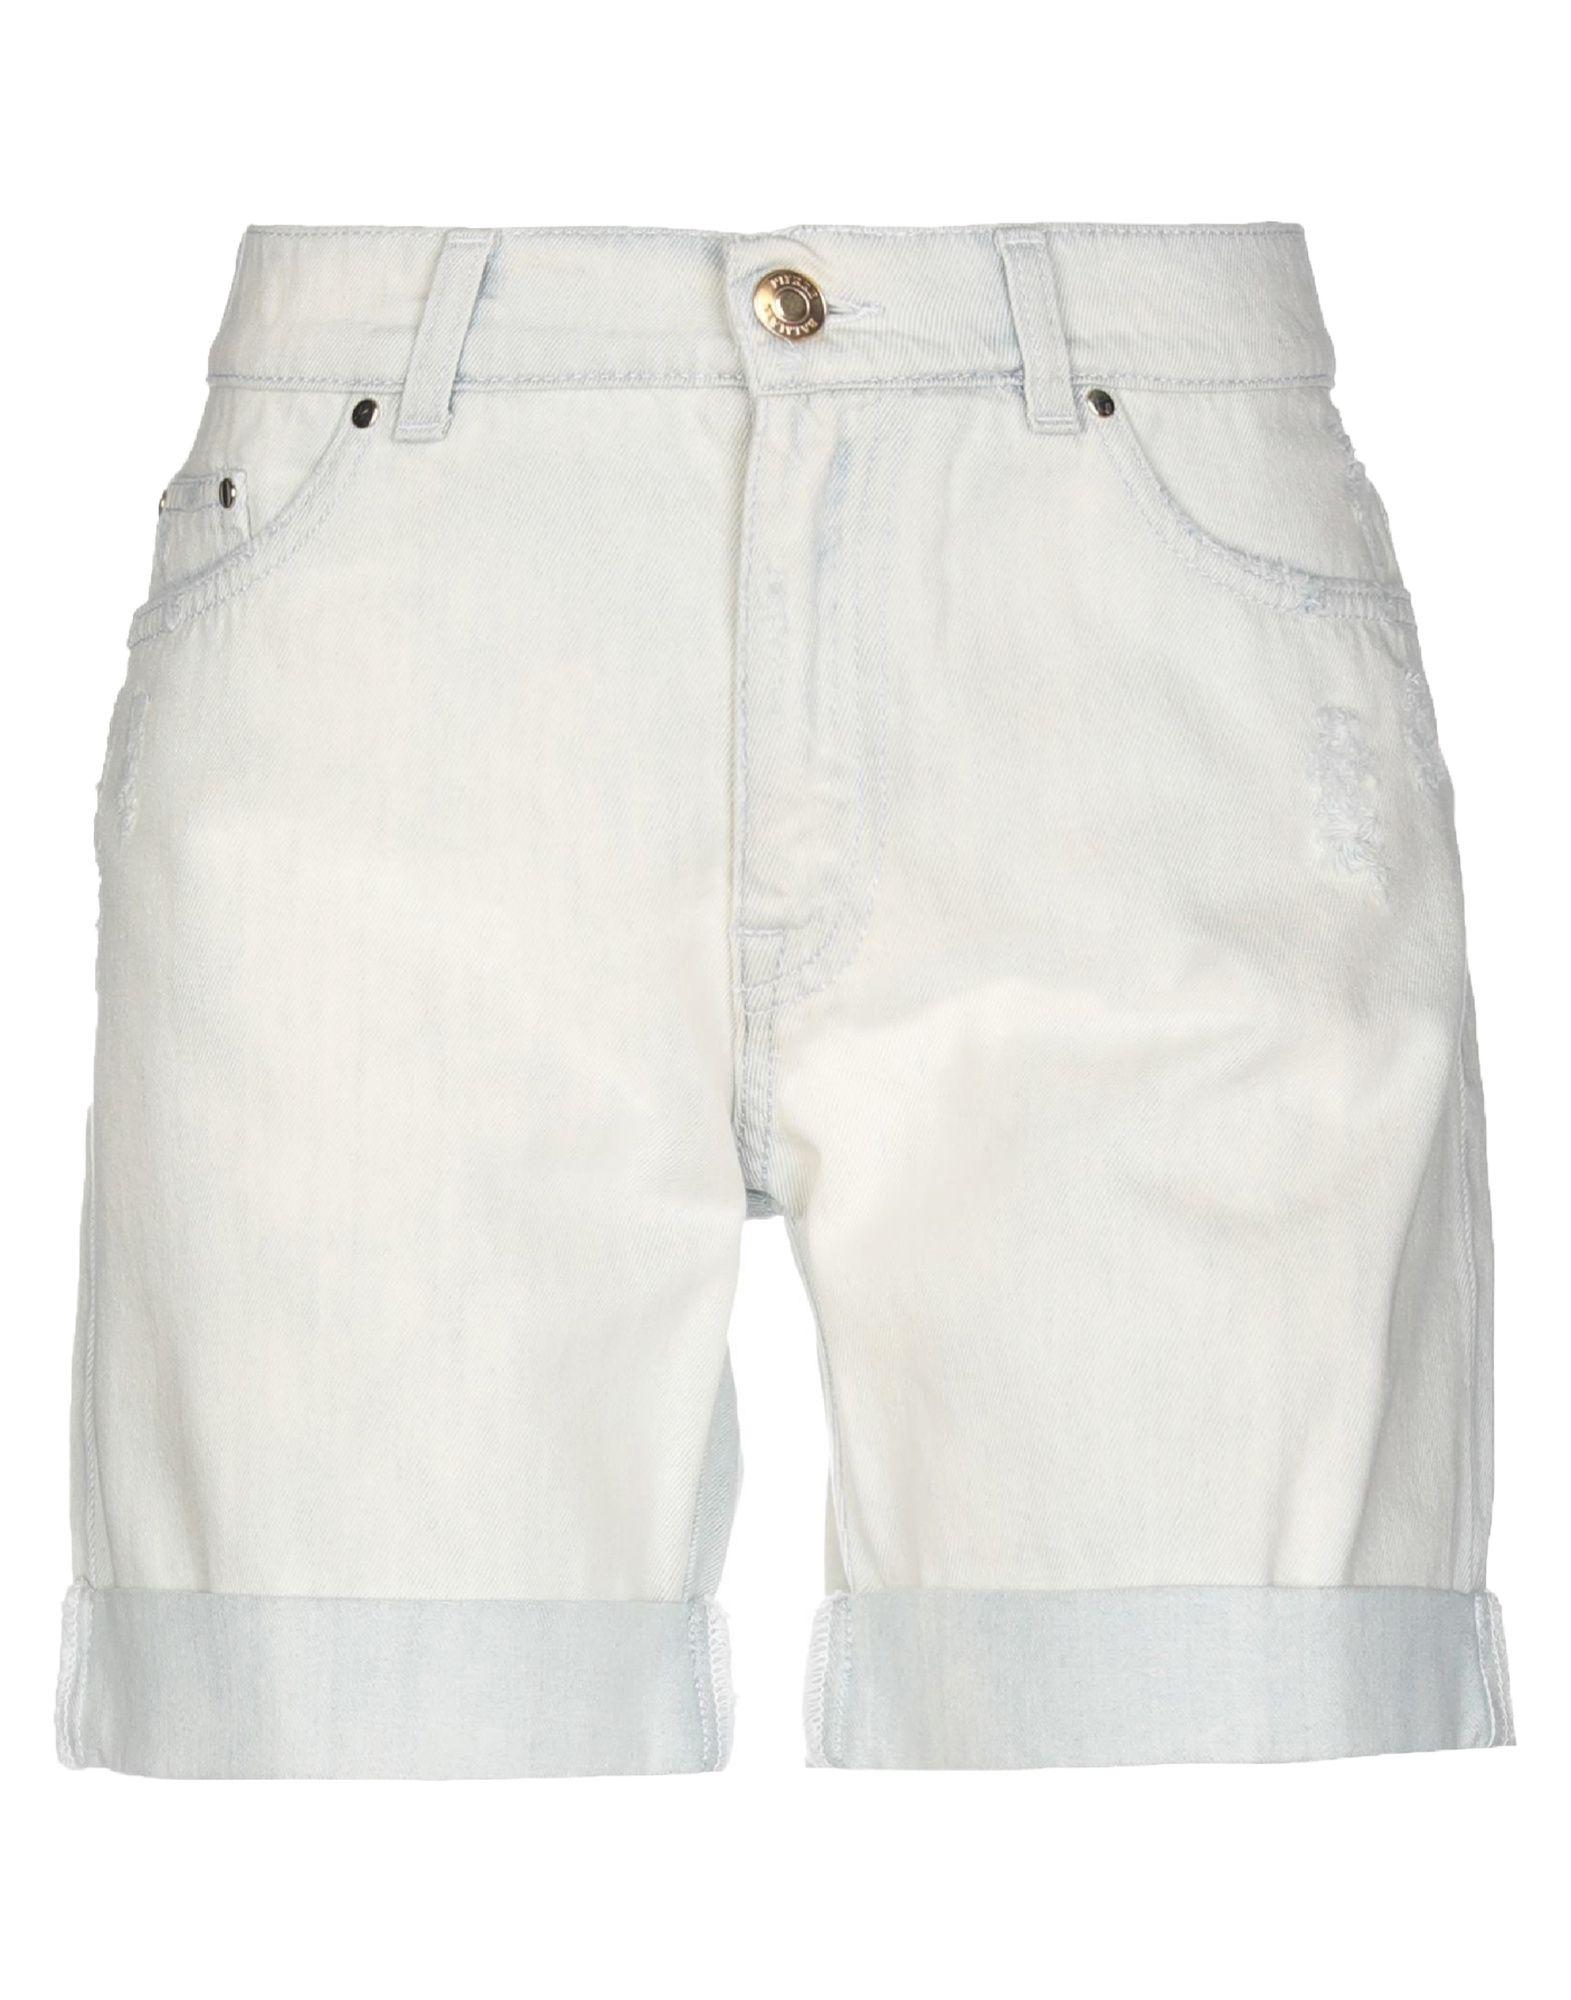 PIERRE BALMAIN Джинсовые шорты pierre balmain повседневные шорты